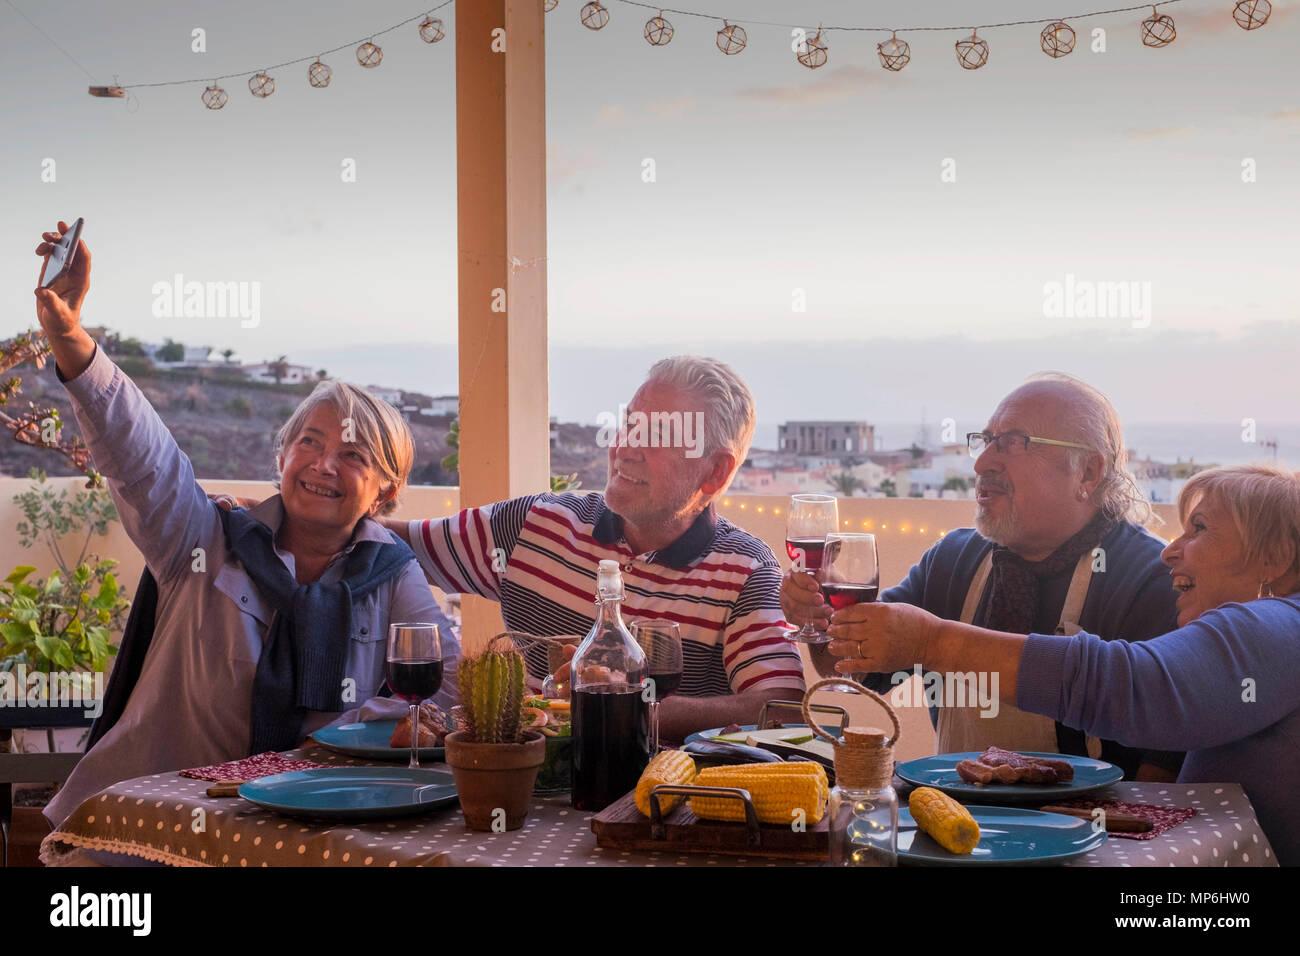 Gruppo di amici adulti anziani pensionati il divertimento di scattare una foto come selfie tutti insieme durante una cena all'aperto sulla terrazza sul tetto. celebrare Immagini Stock